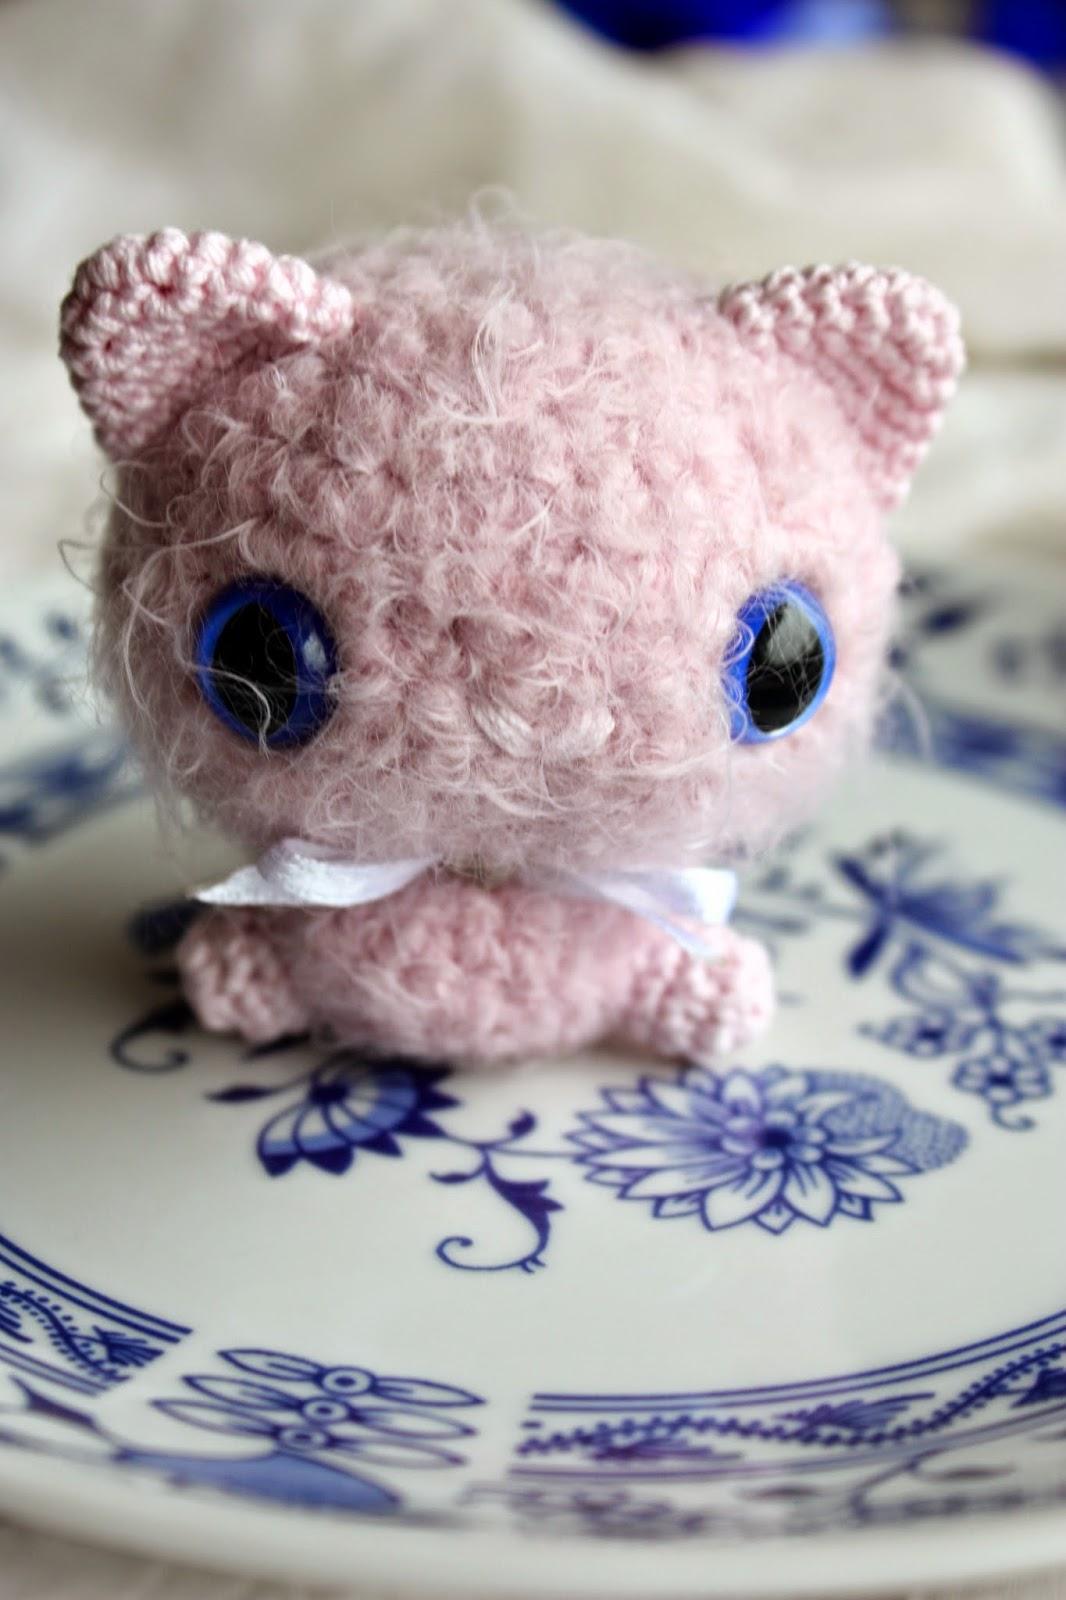 Crocheting Cats : Amigurumi creations by Happyamigurumi: Tiny Amigurumi Cat in process